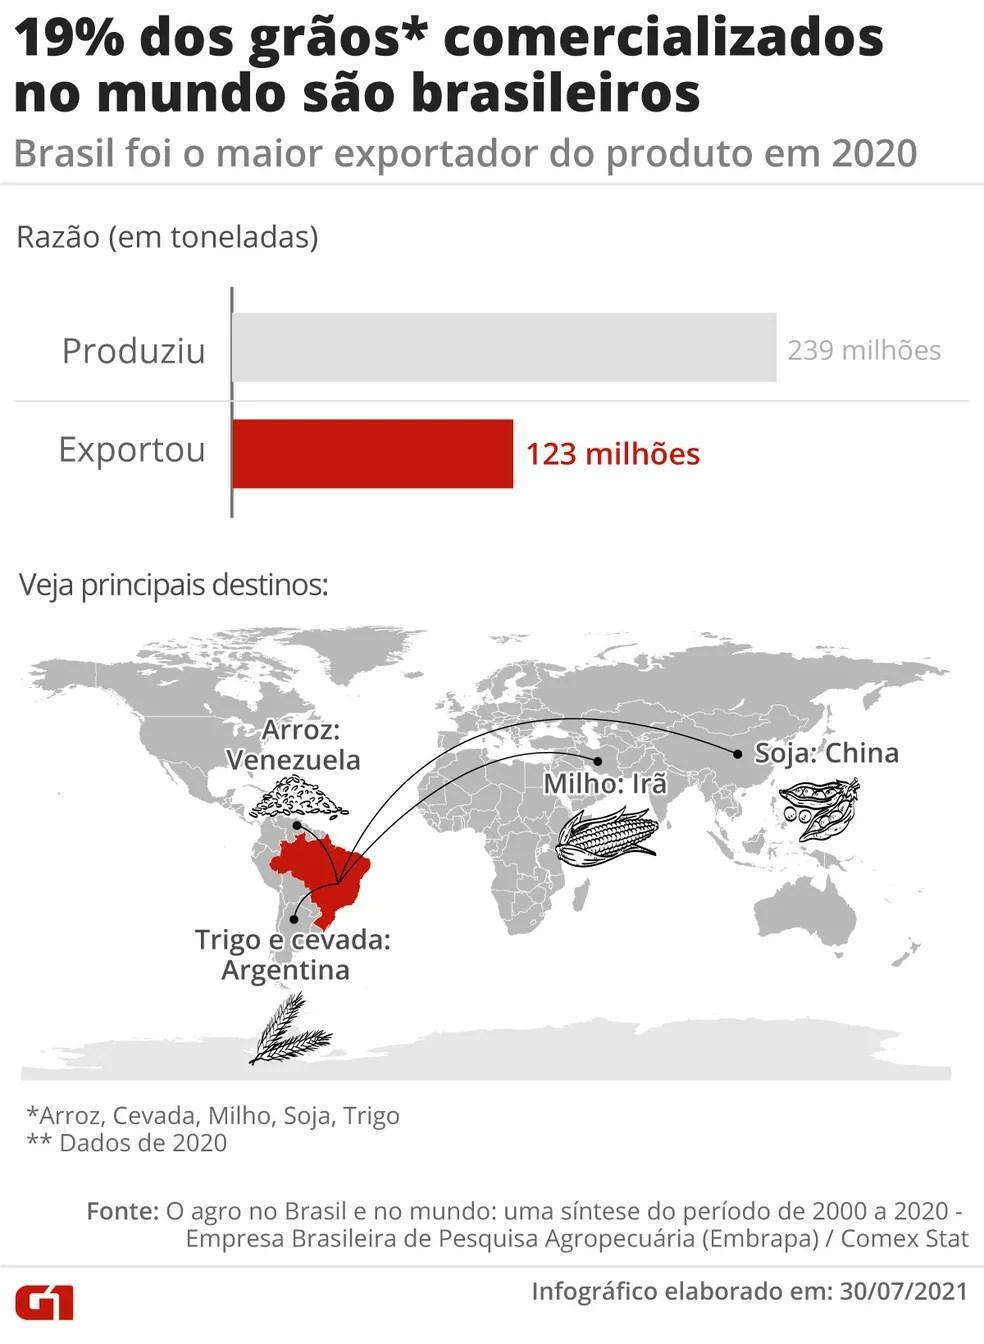 19% dos grãos comercializados no mundo são brasileiros — Foto: Daniel Ivanaskas / Arte G1